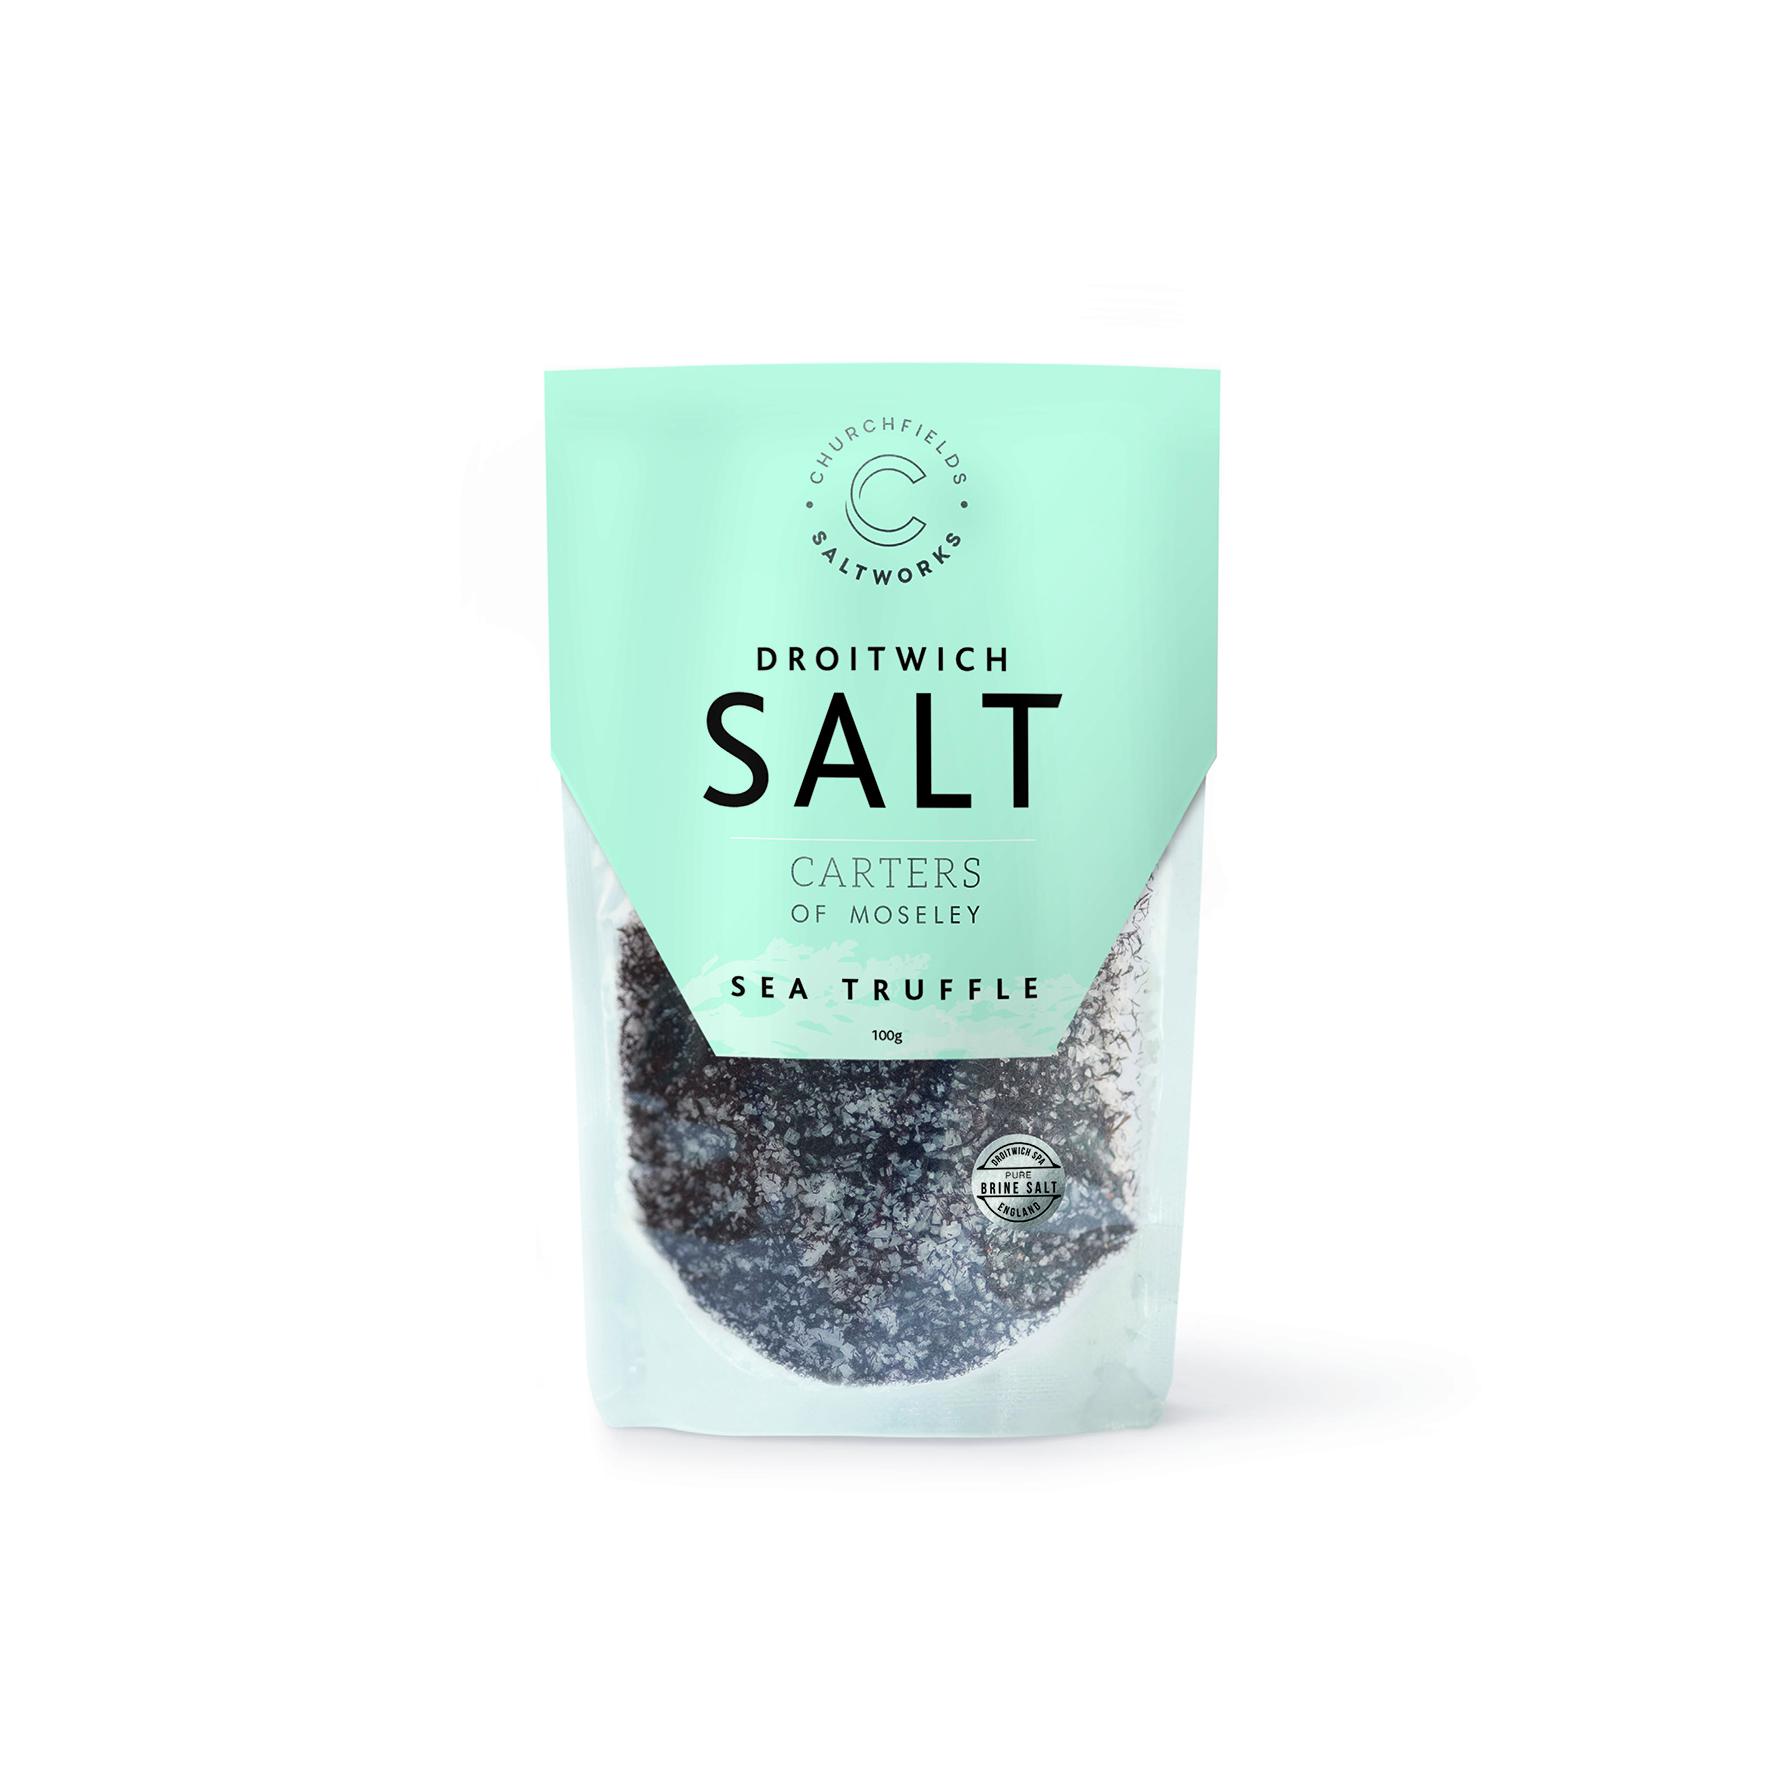 Proware Droitwich Salt Sea Truffle